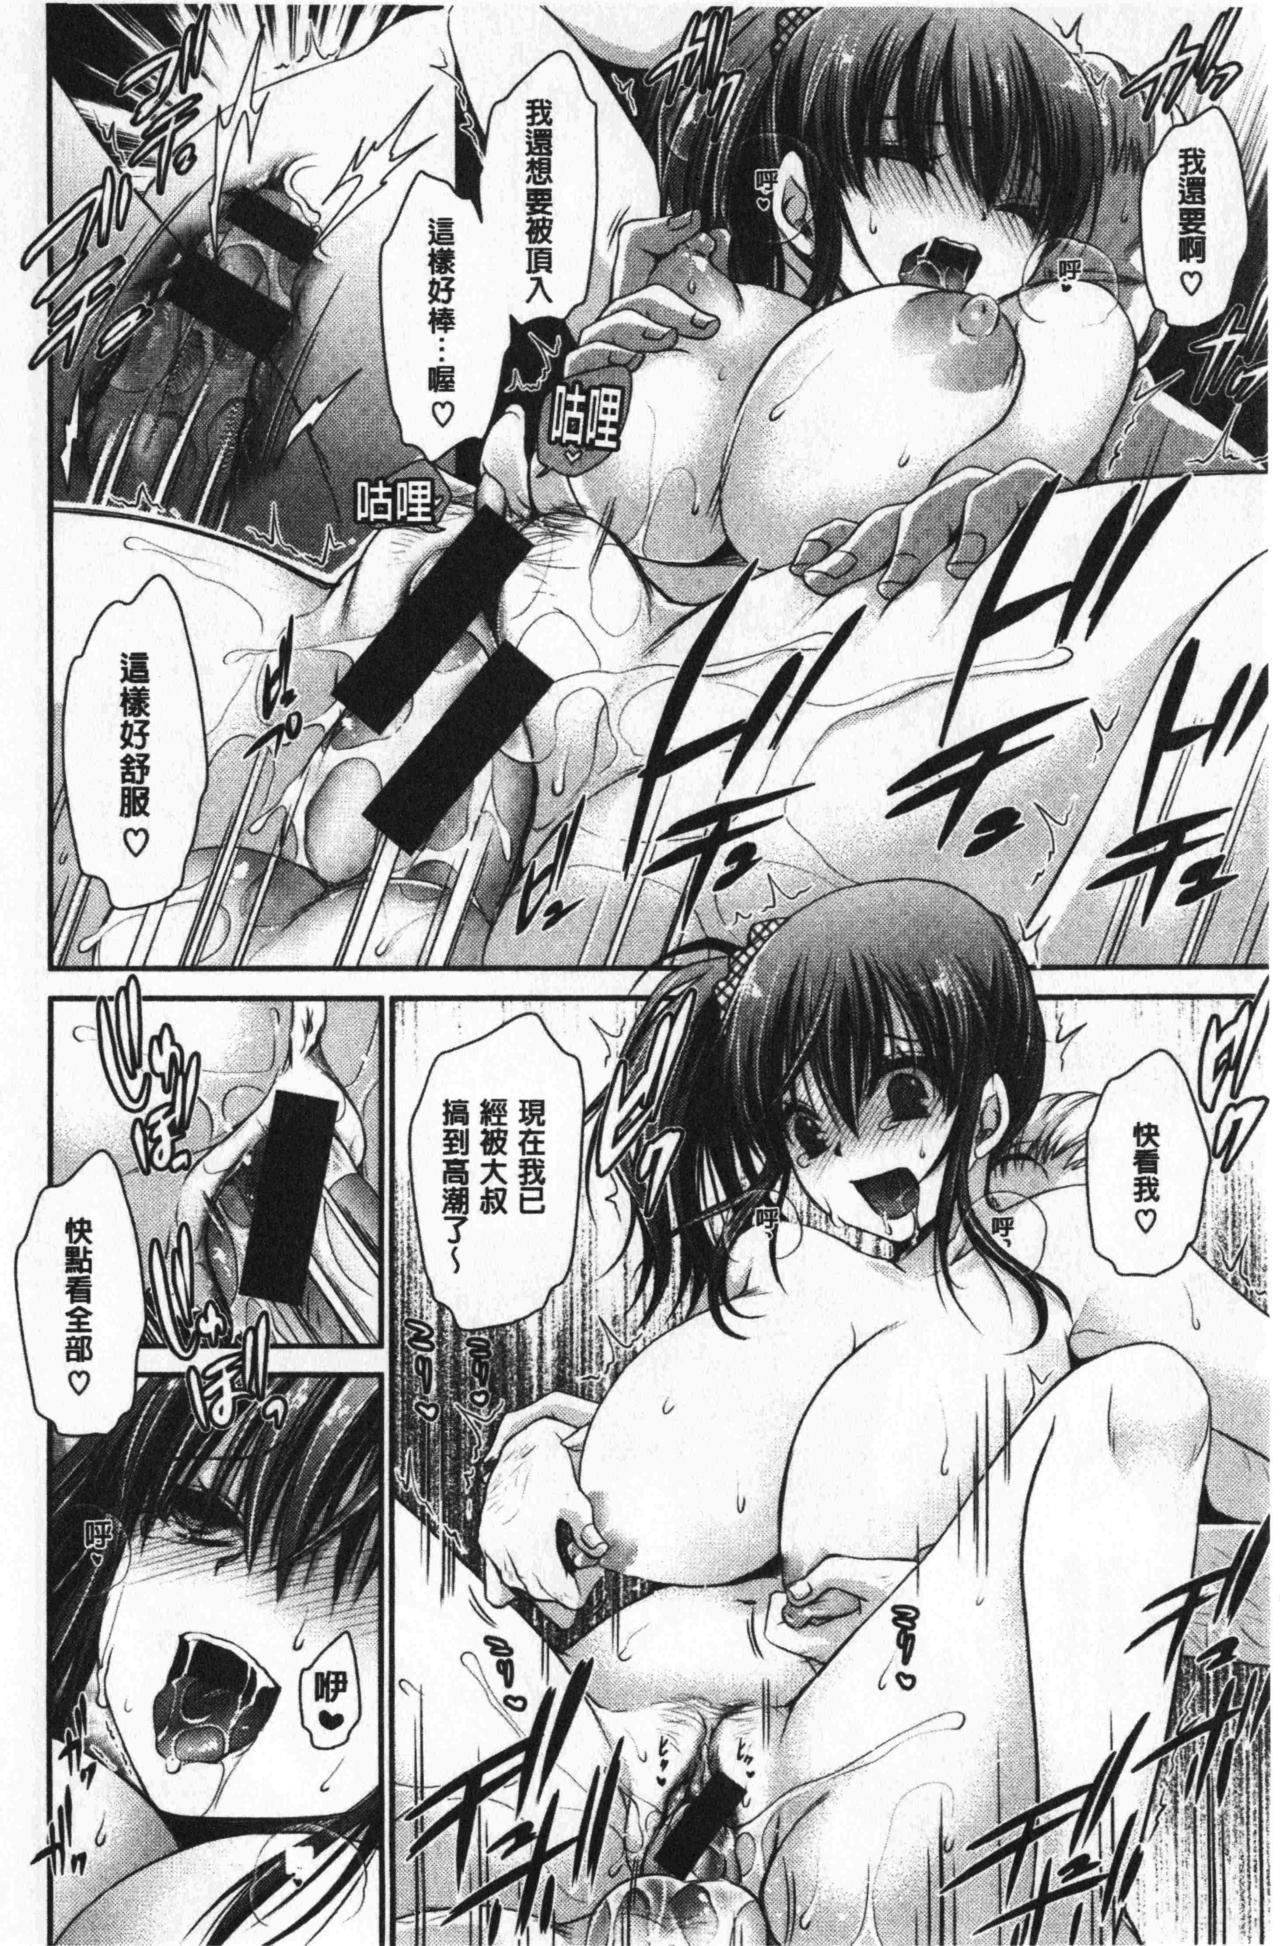 Doku Aru Hana no Amai Mitsu   毒淫花的甘甜蜜 143